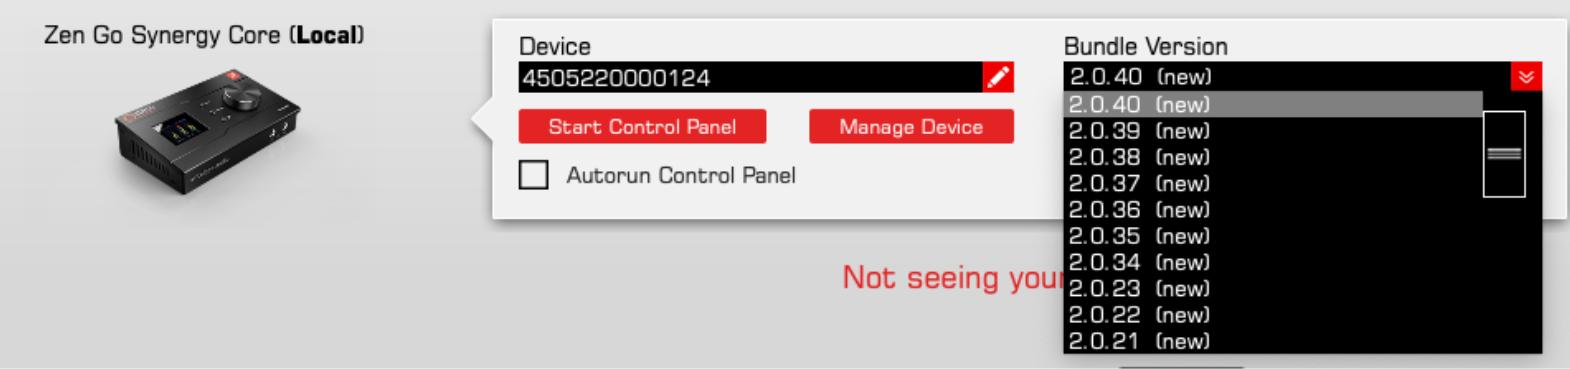 update hardware